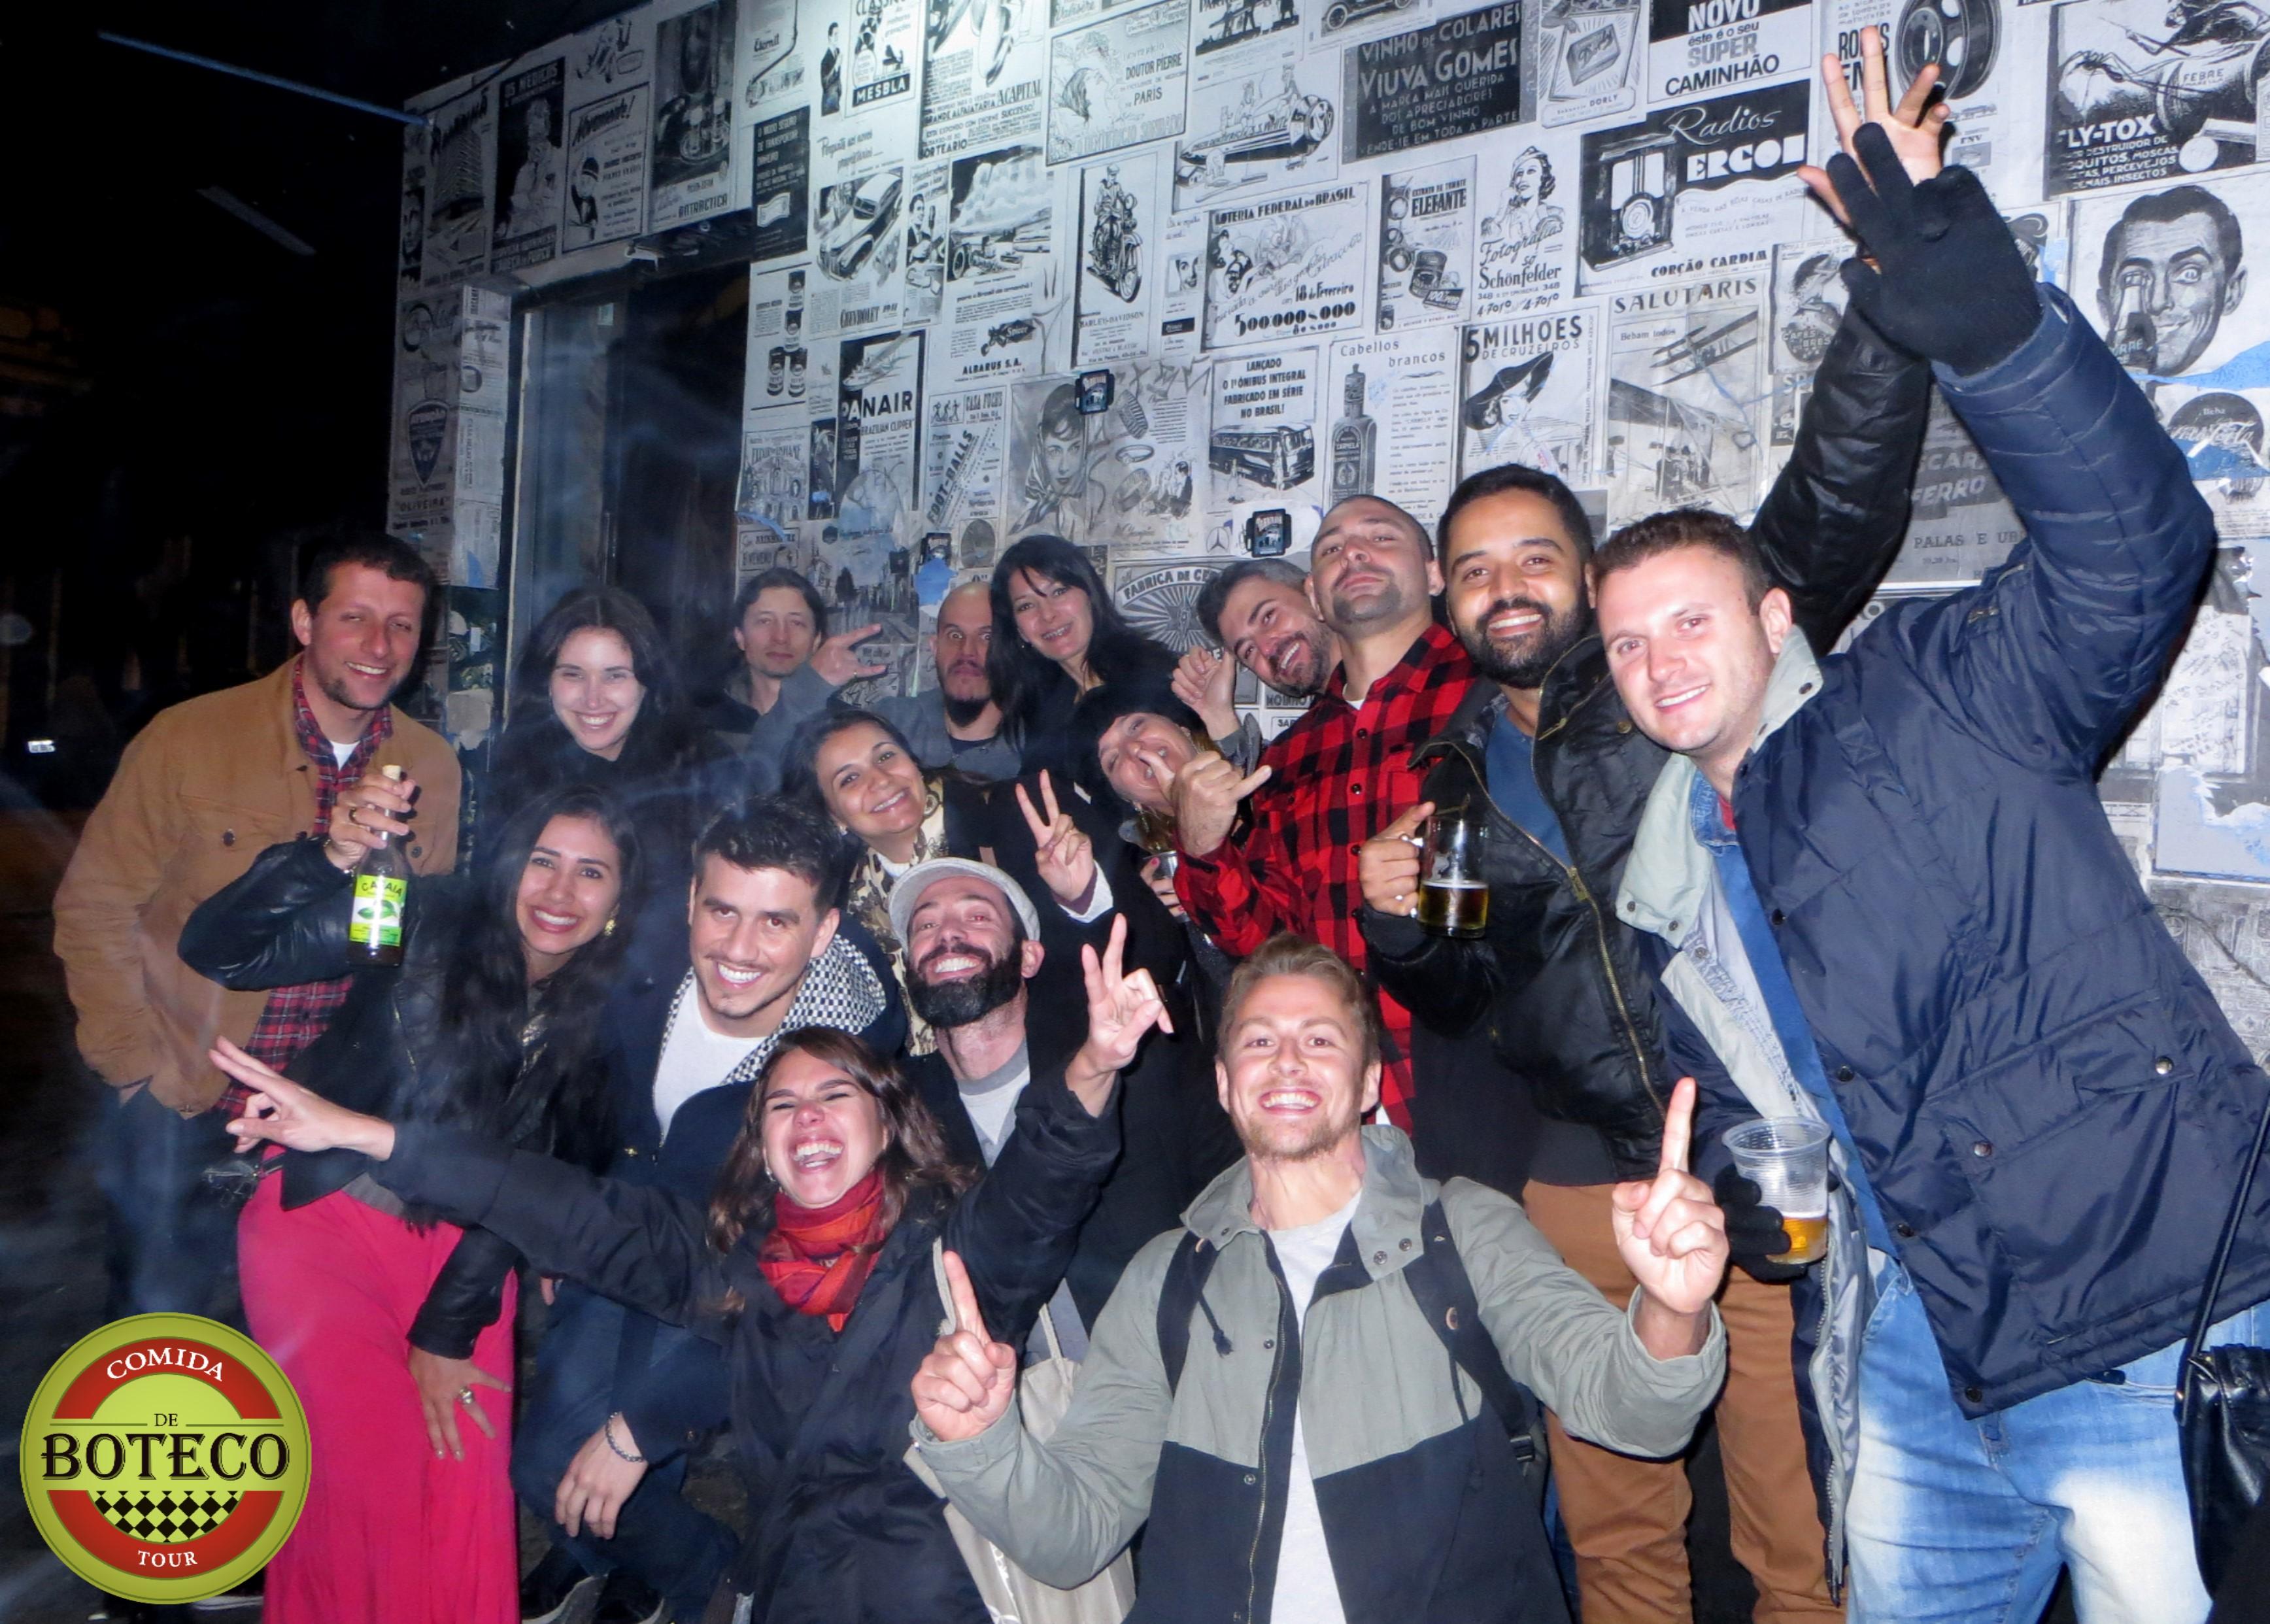 Bar São Chico - Tour Comida de Boteco